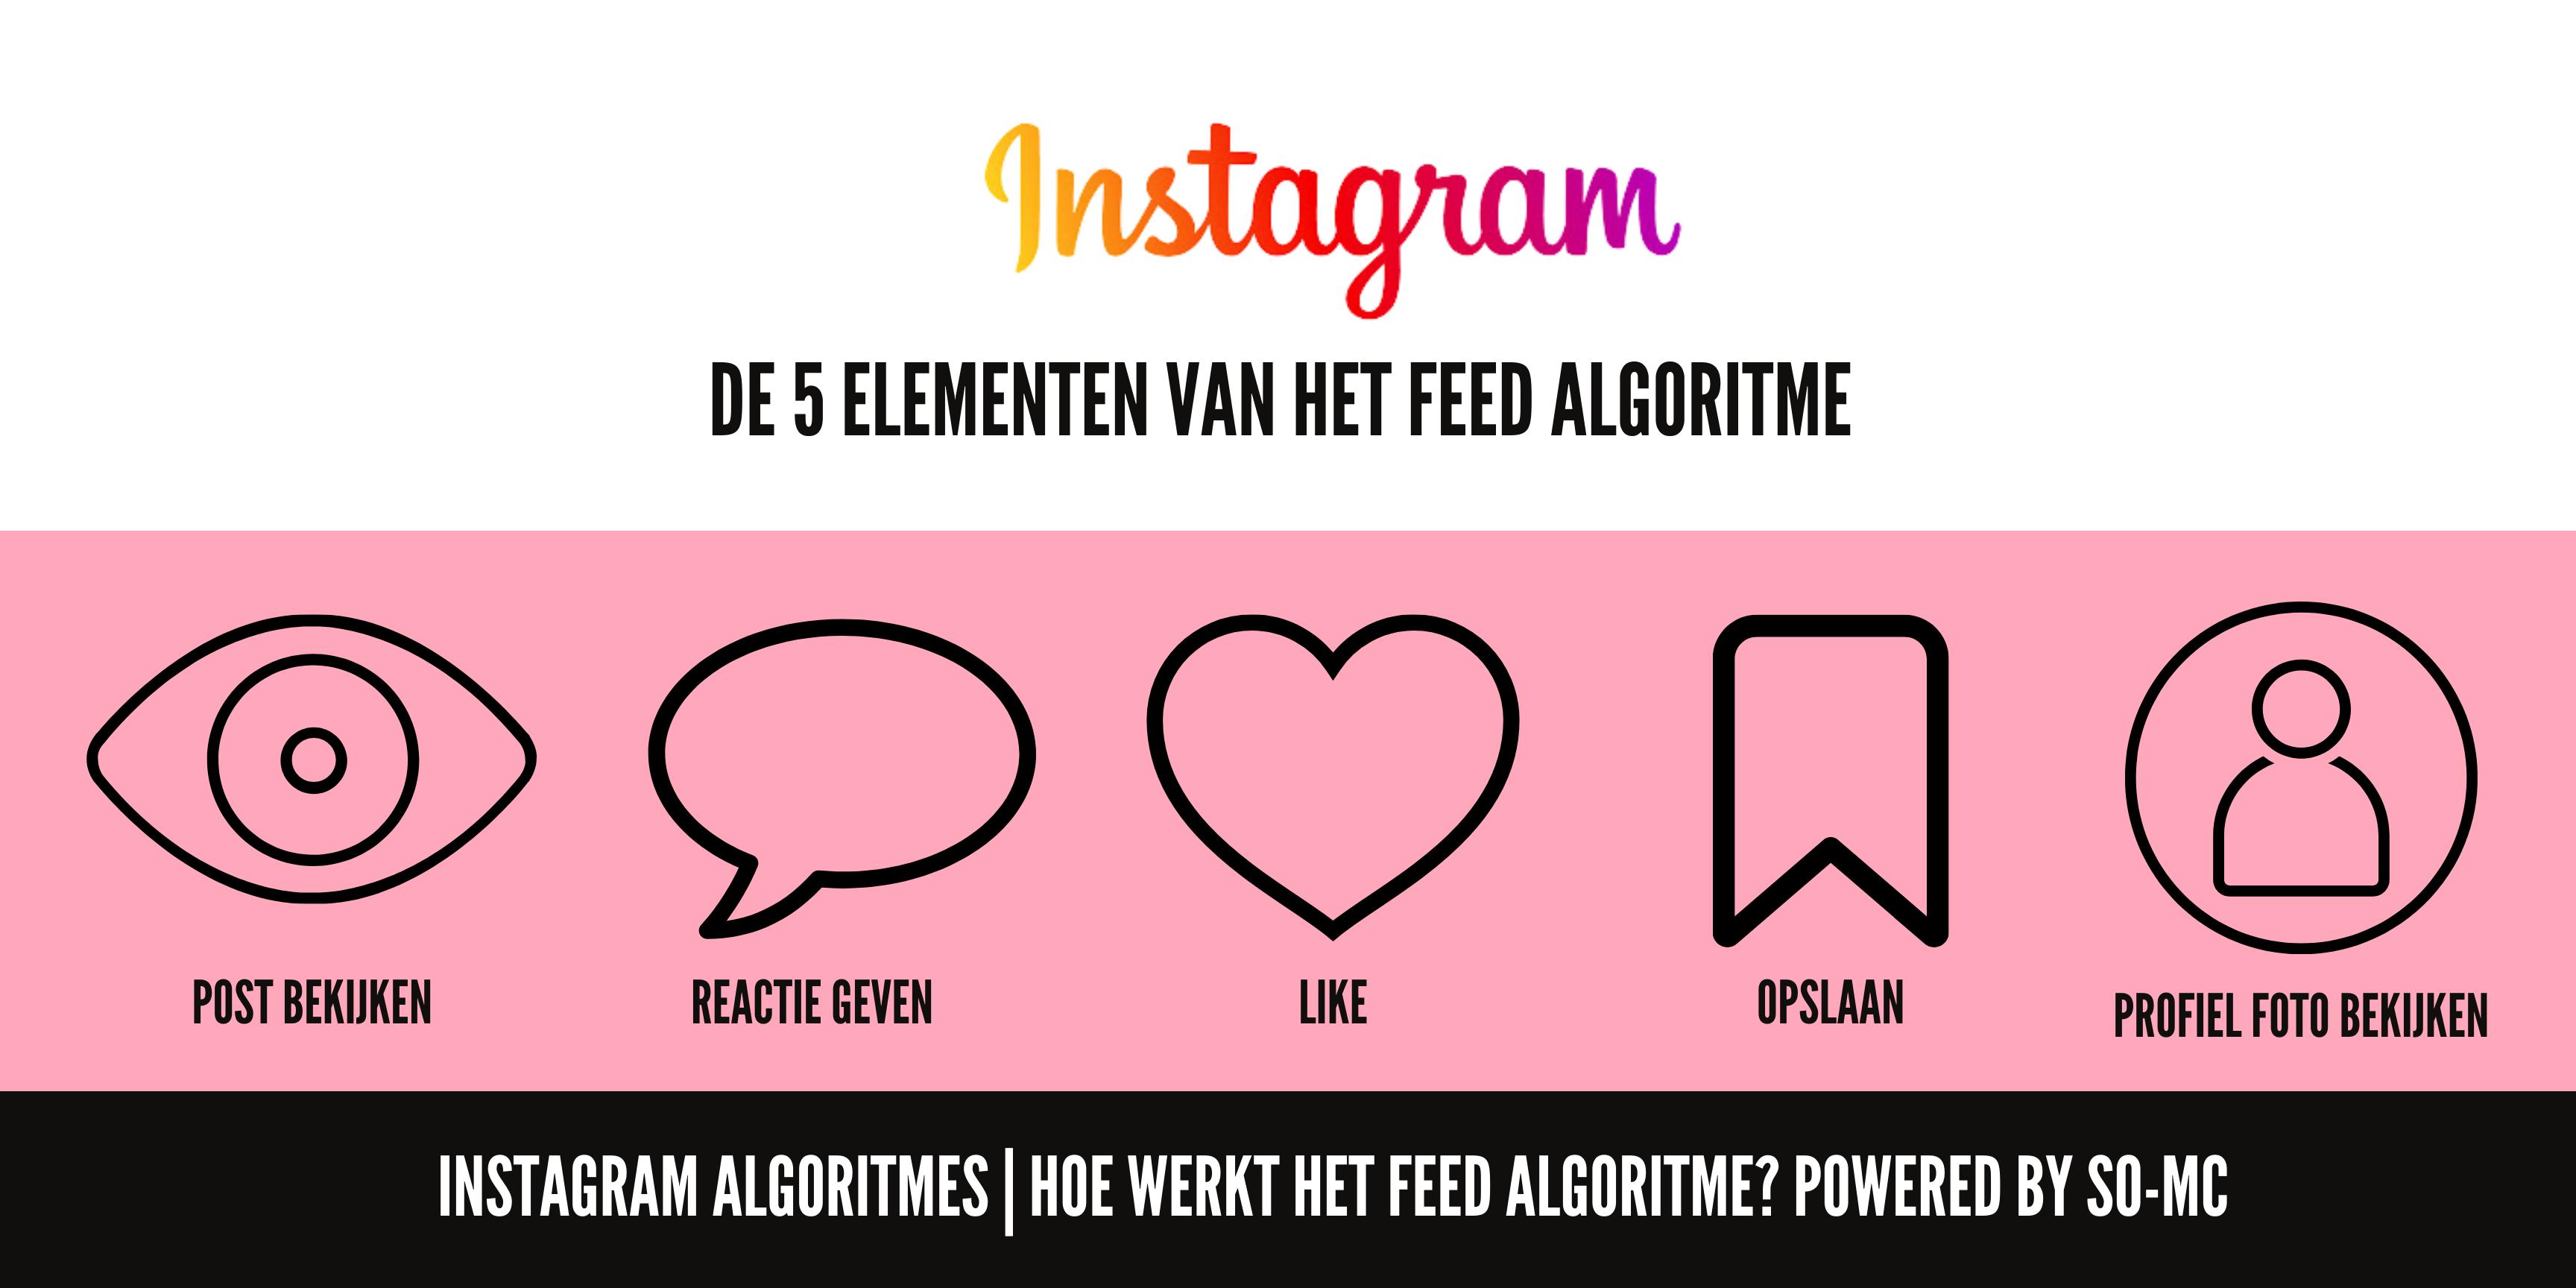 Instagram Algoritmes De 5 elementen die mee tellen in de 'feed algoritme' van instagram